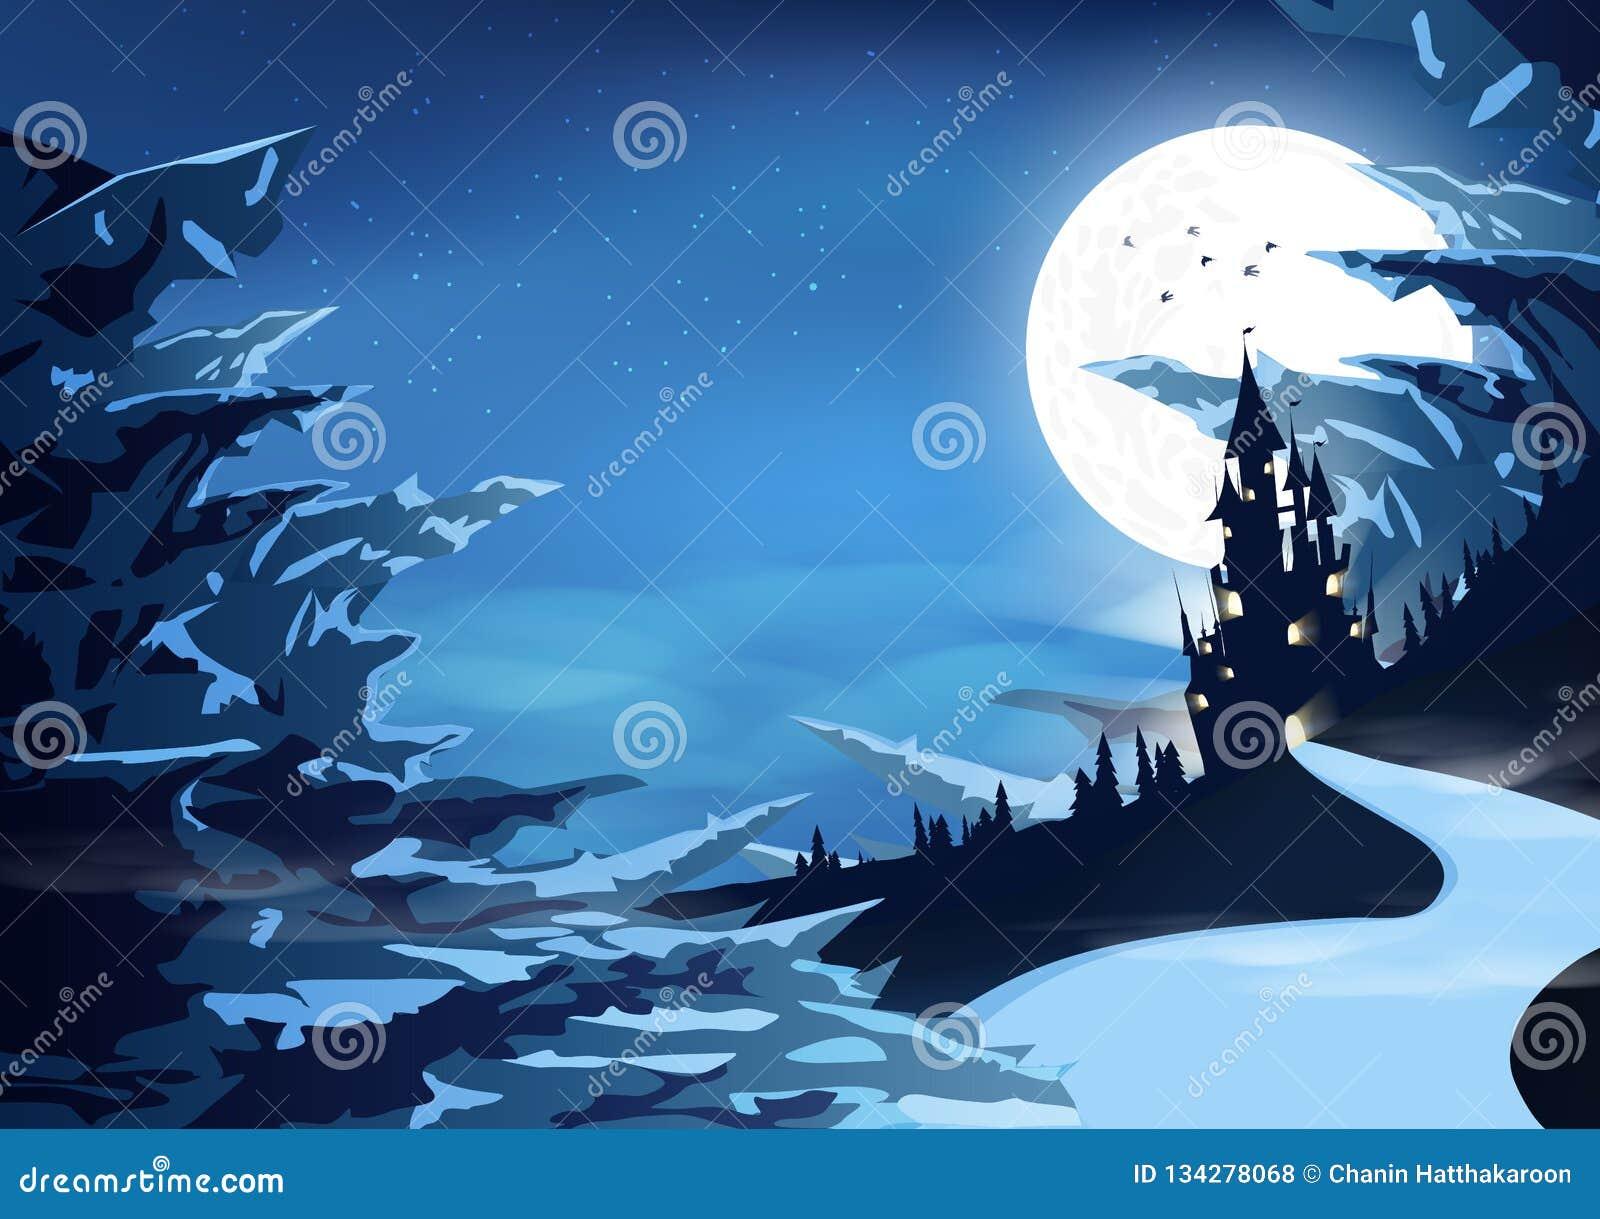 Palácio do castelo em místico da ilustração ártica do vetor do fundo do sumário da fantasia da silhueta da paisagem das montanhas